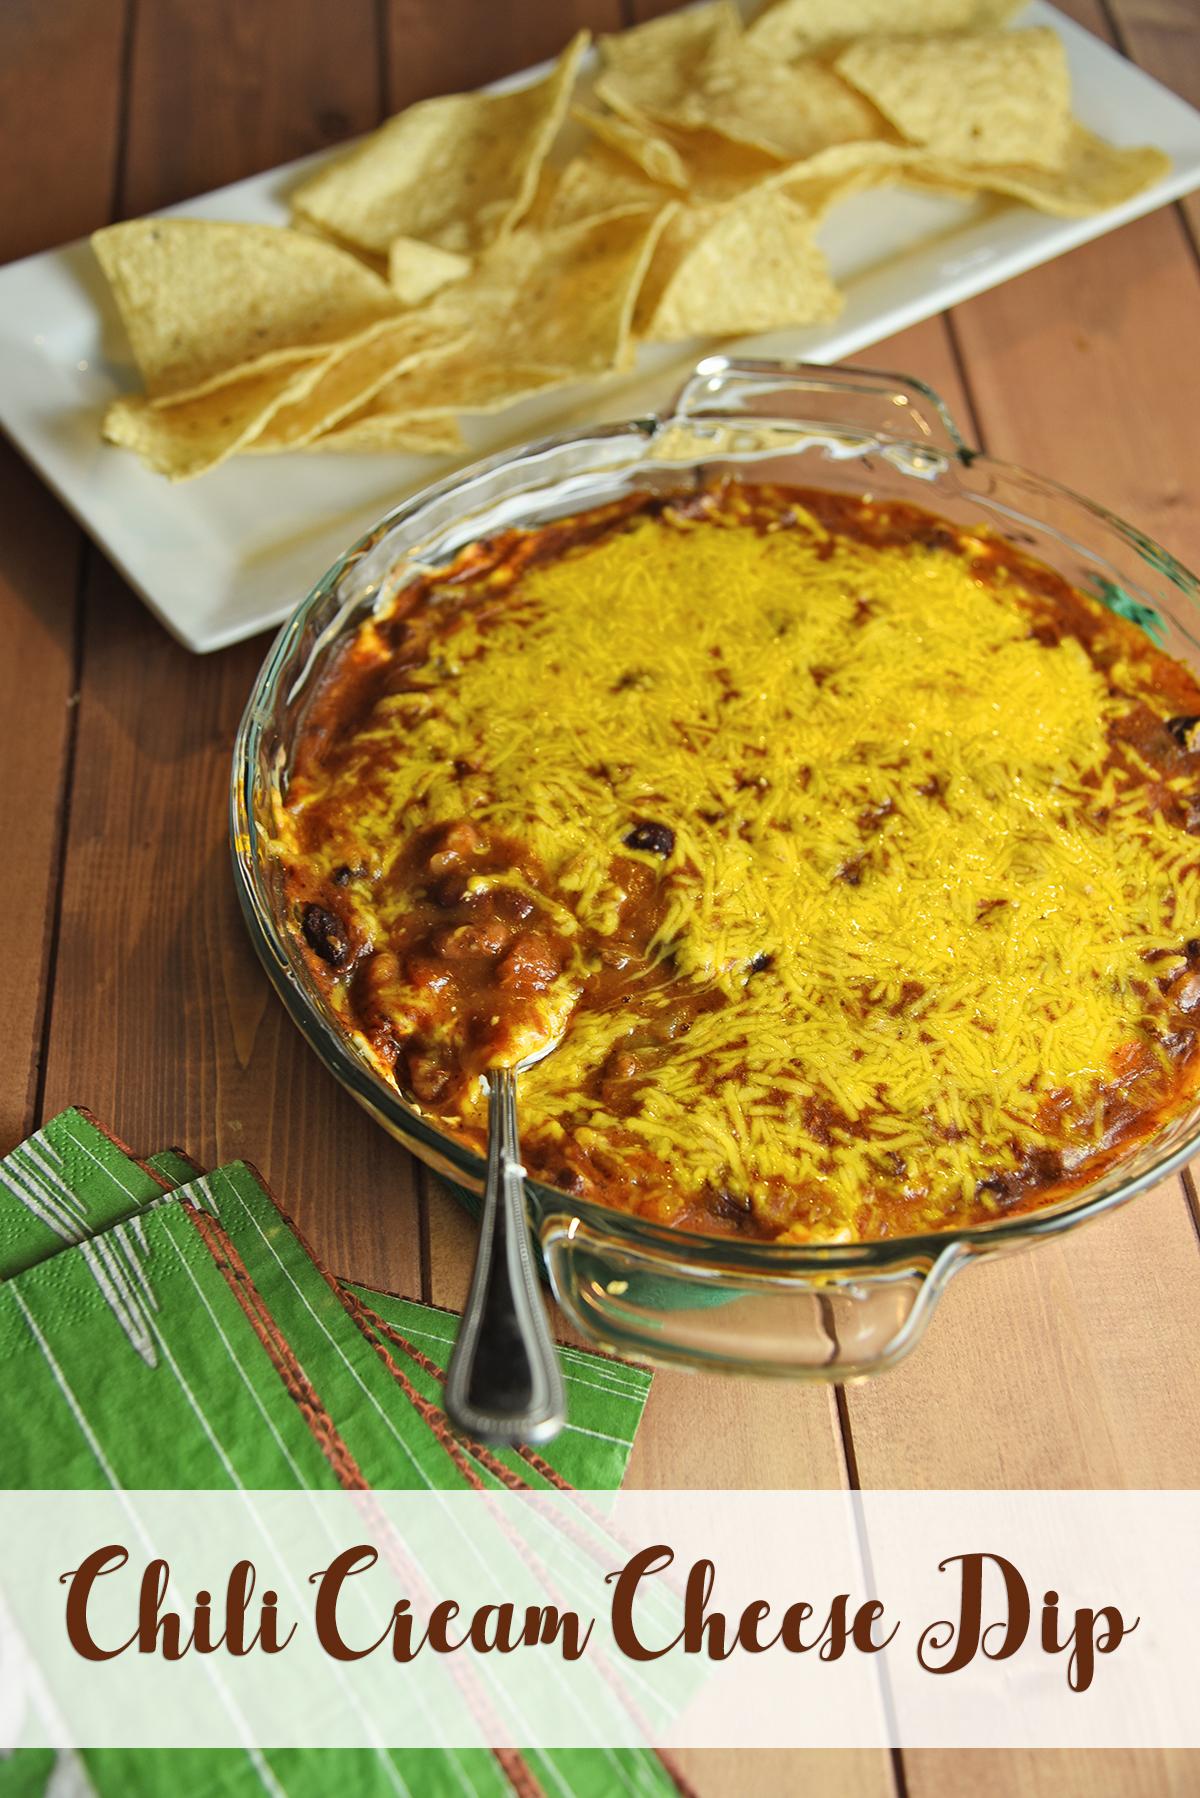 Chili-Cream-Cheese-Dip